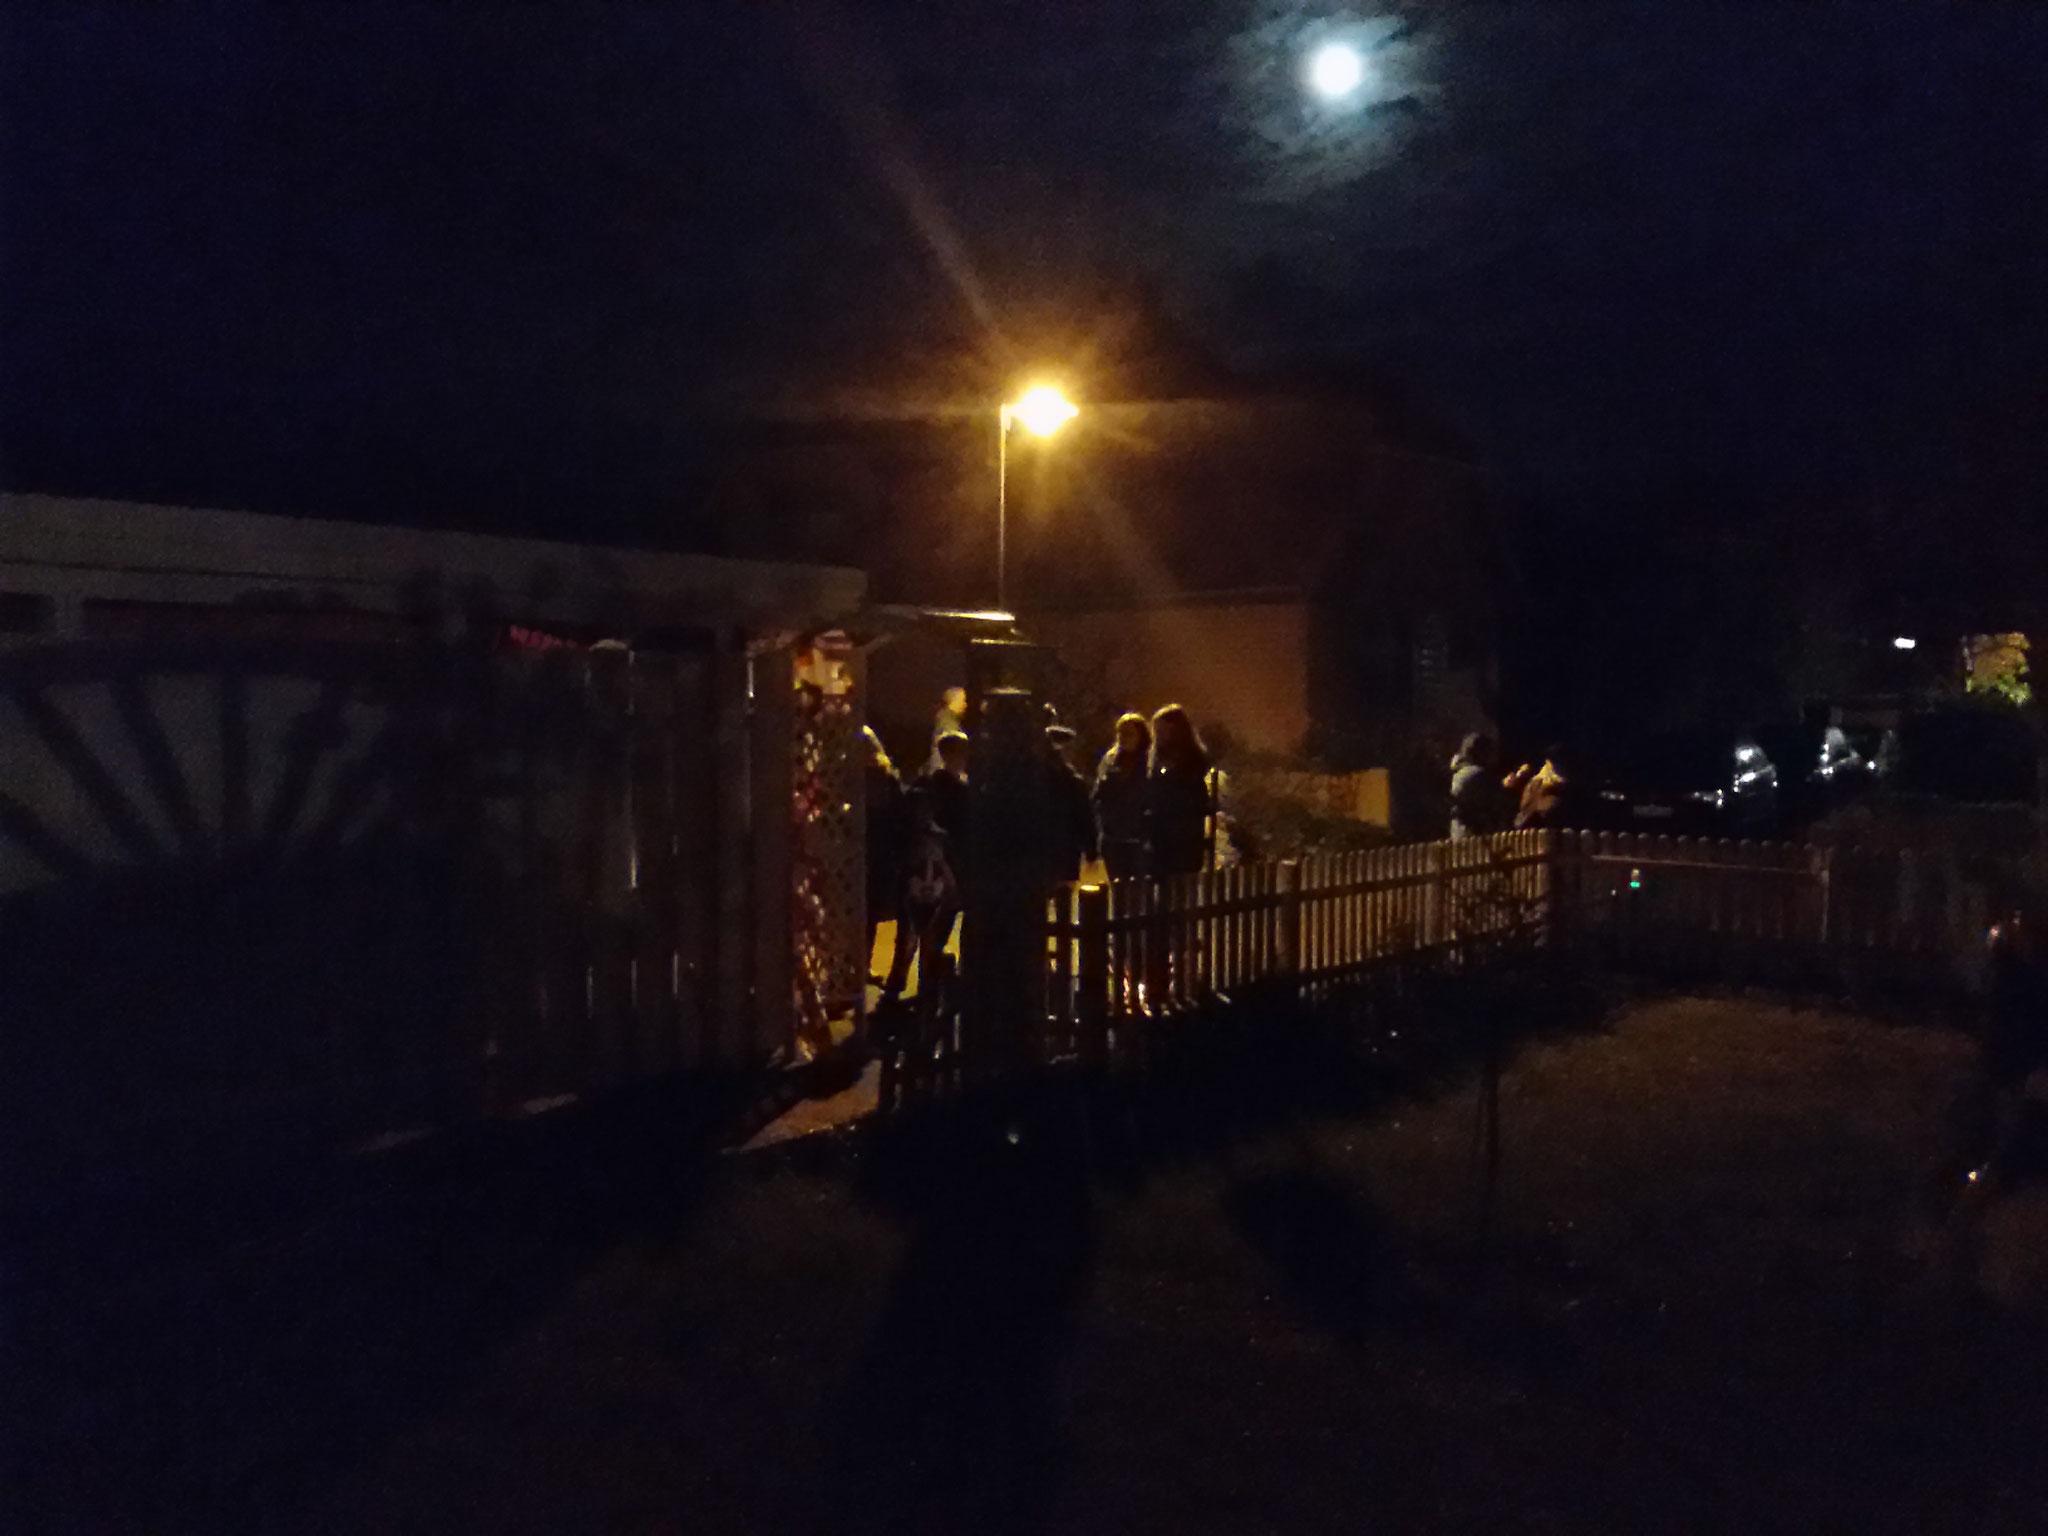 17:59 Uhr... Die ersten warten schon vor dem Eingang. Es kann losgehen.